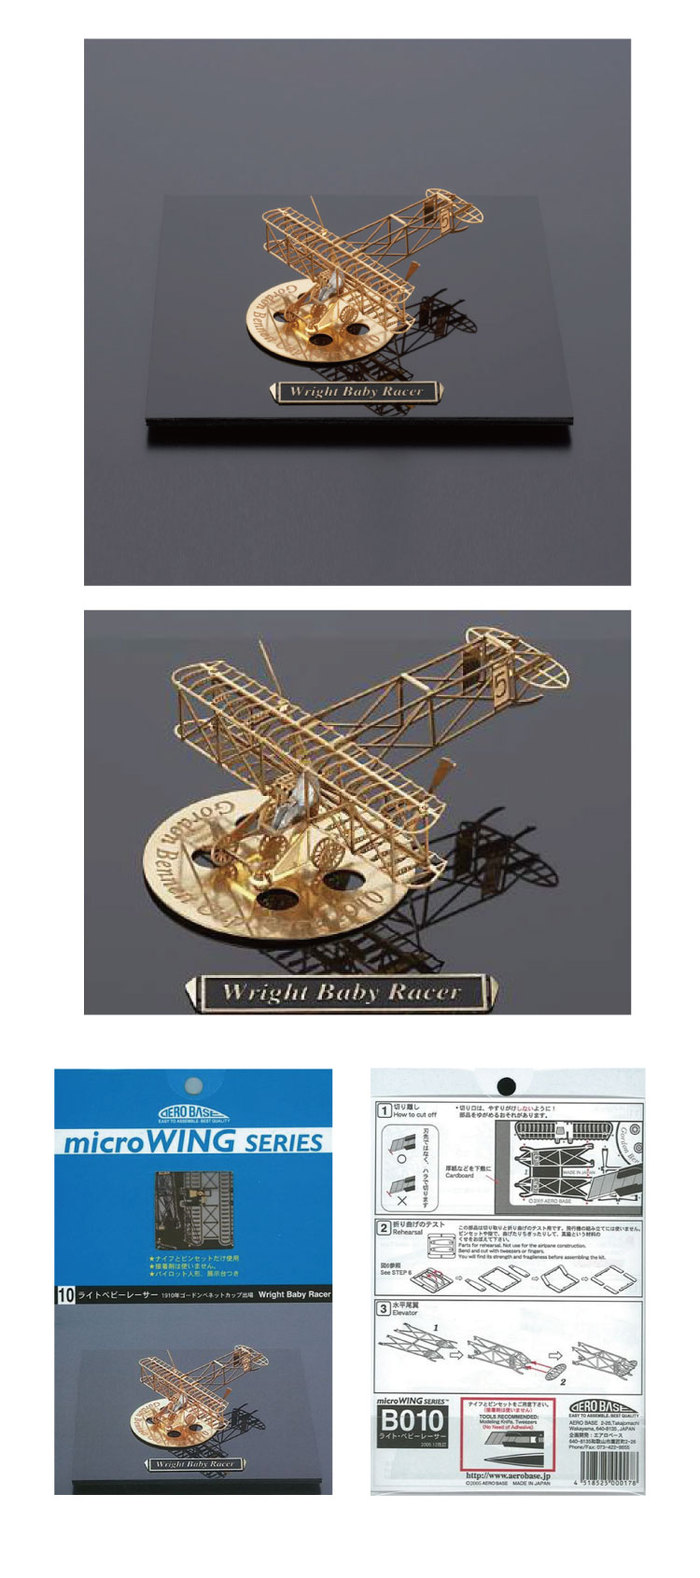 (複製)Aerobase|金屬模型組裝飛機Santos Dumont 14bit黃銅材質模型(1/160)